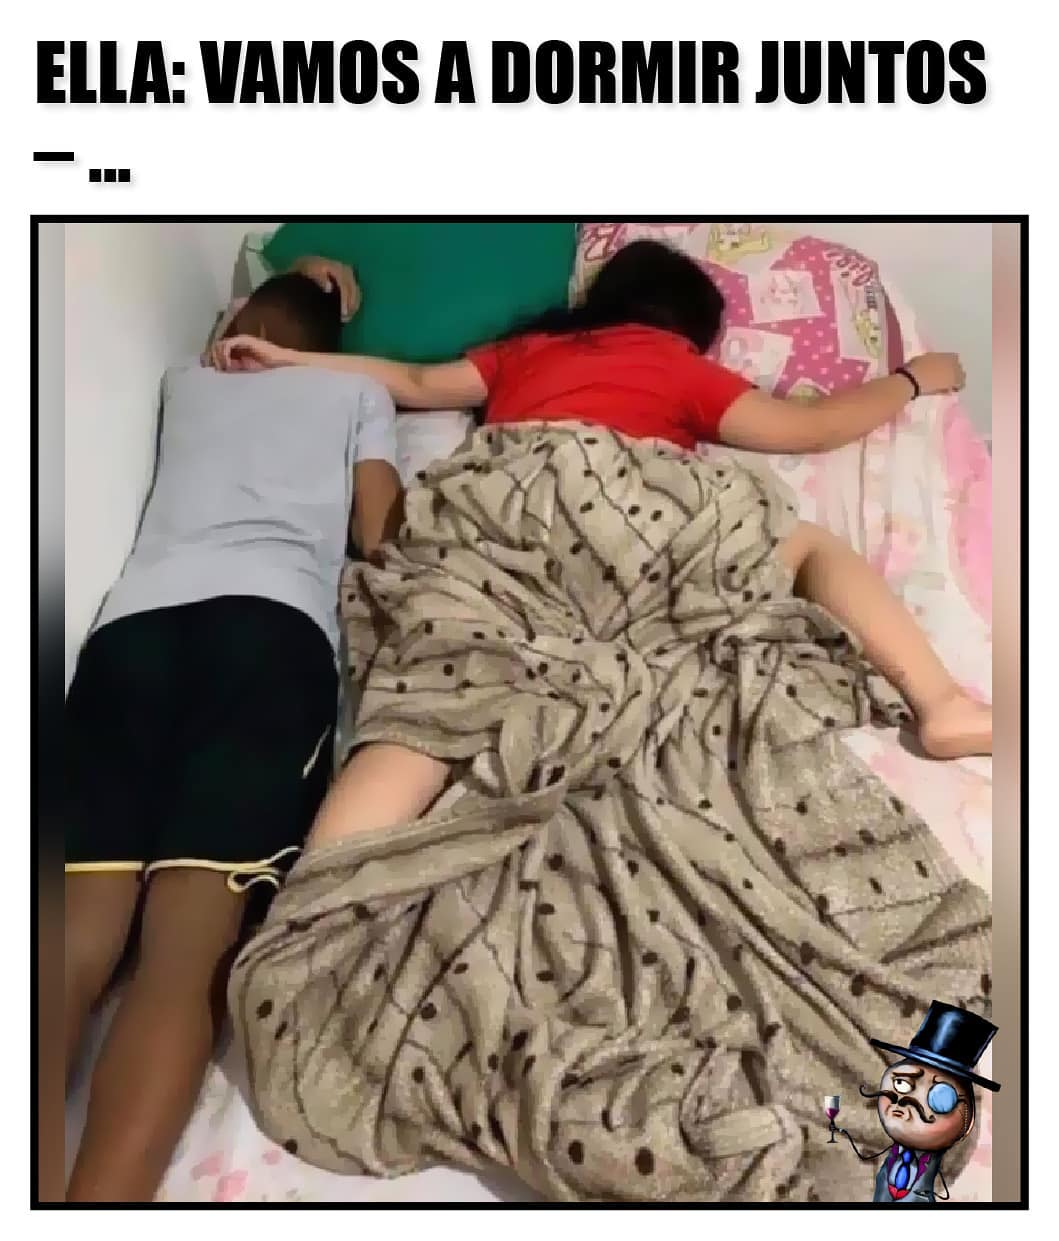 Ella: Vamos a dormir juntos.